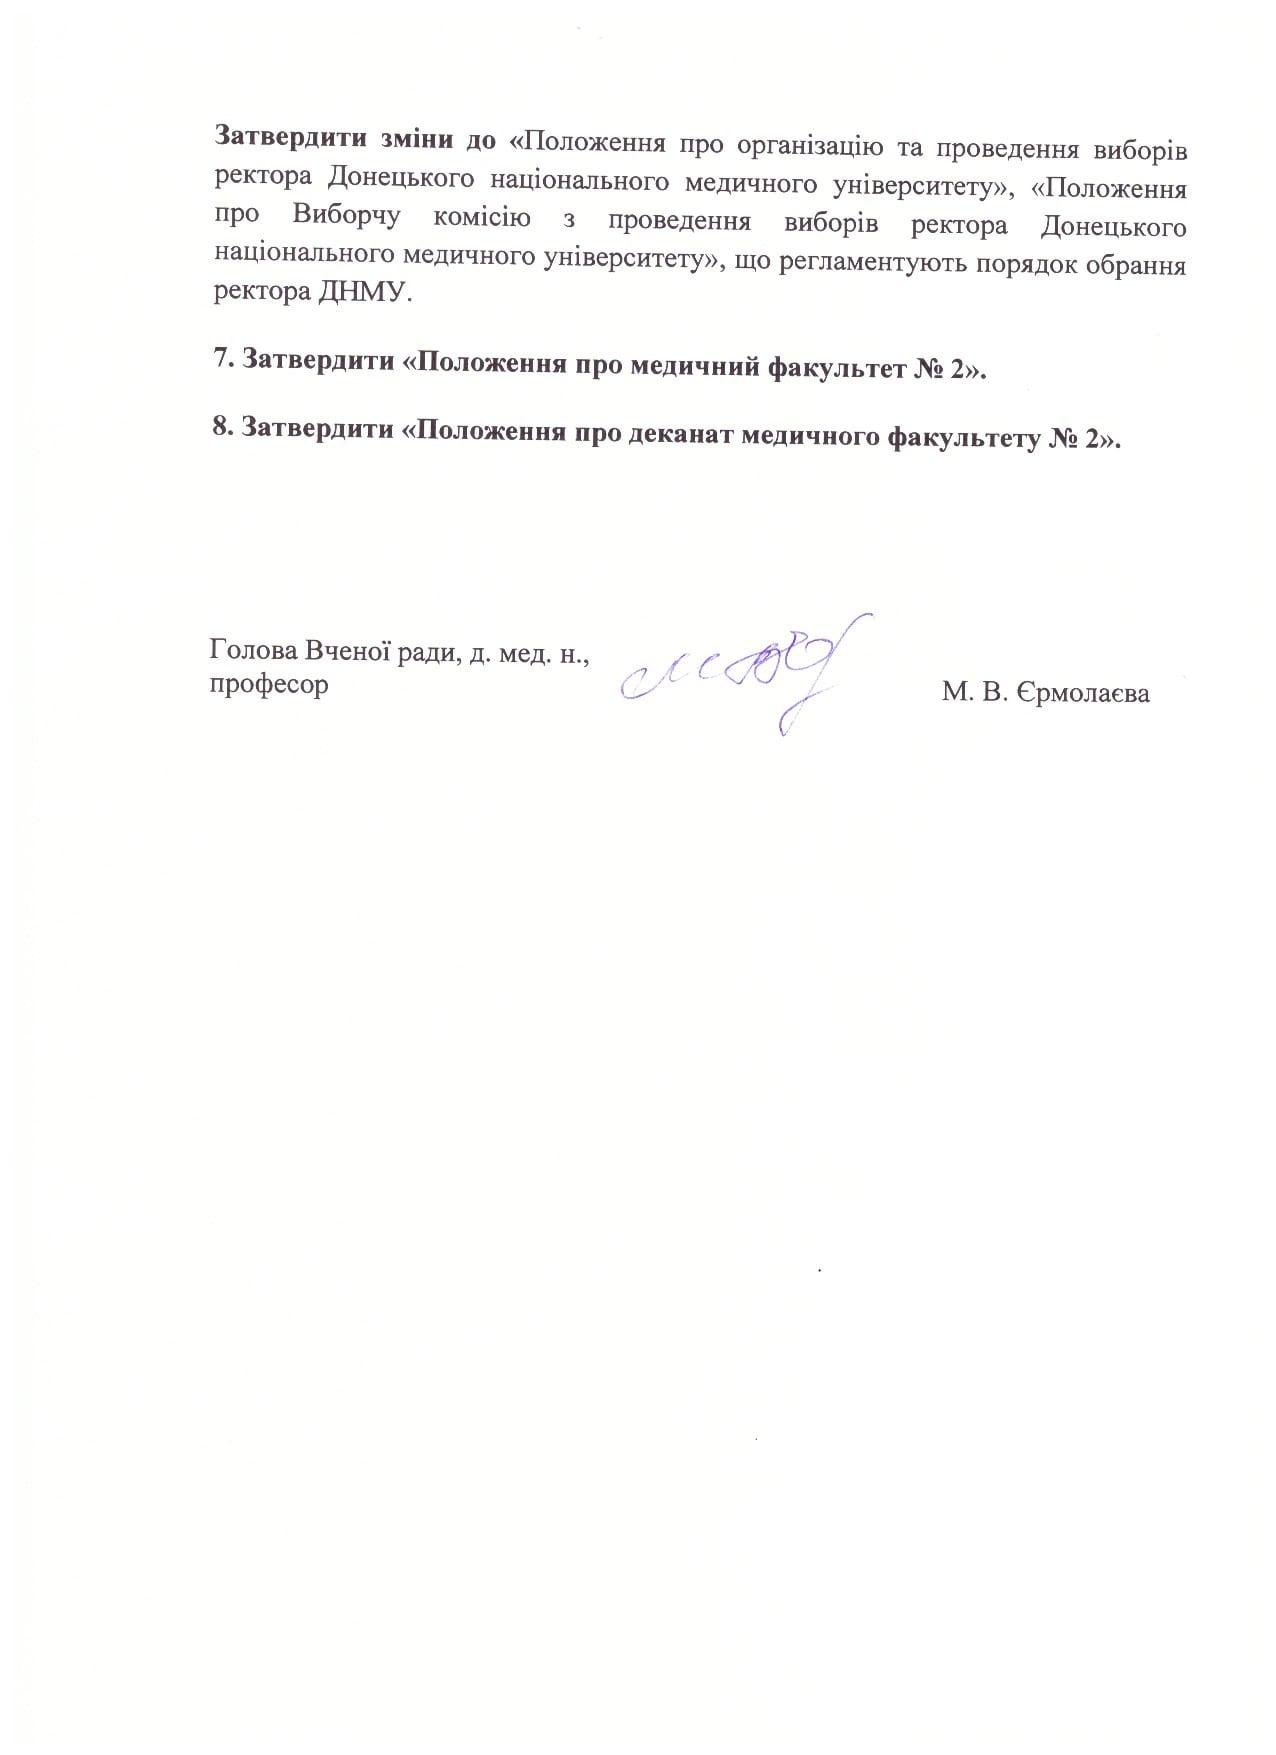 rishennya vr protokol 5 10.12 6